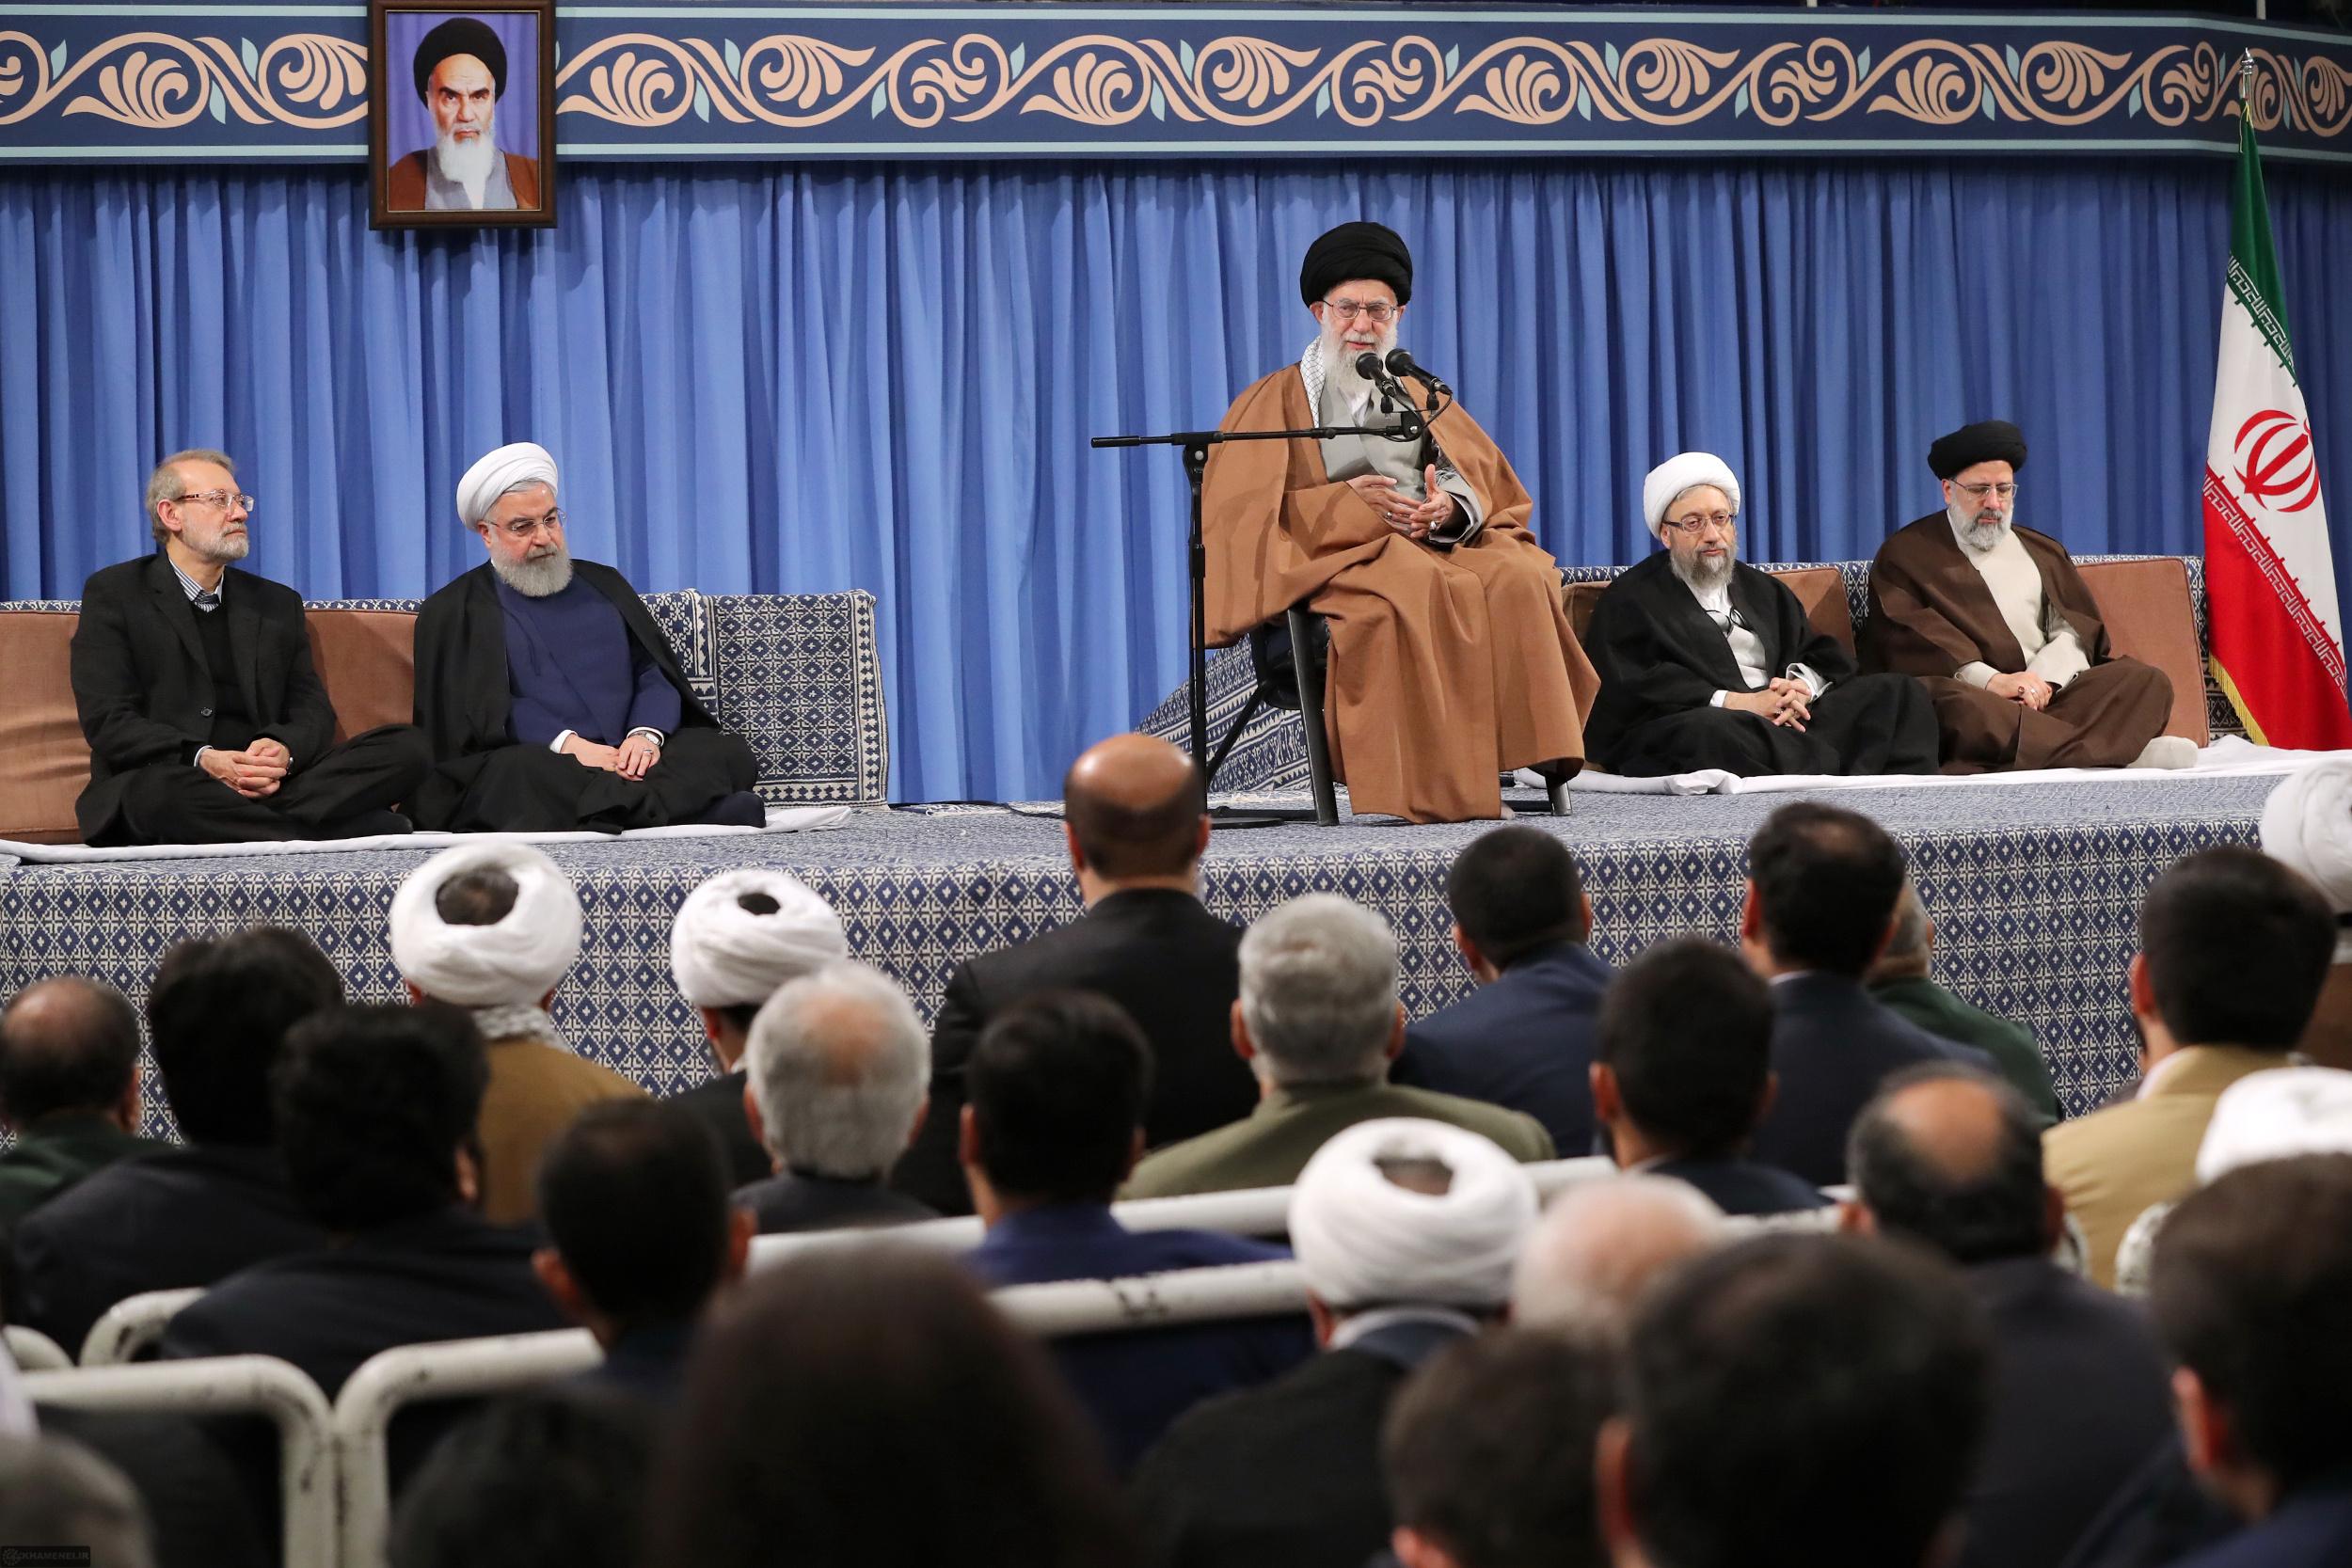 رهبر معظم انقلاب اسلامی در دیدار با جمعی از مسئولان نظام